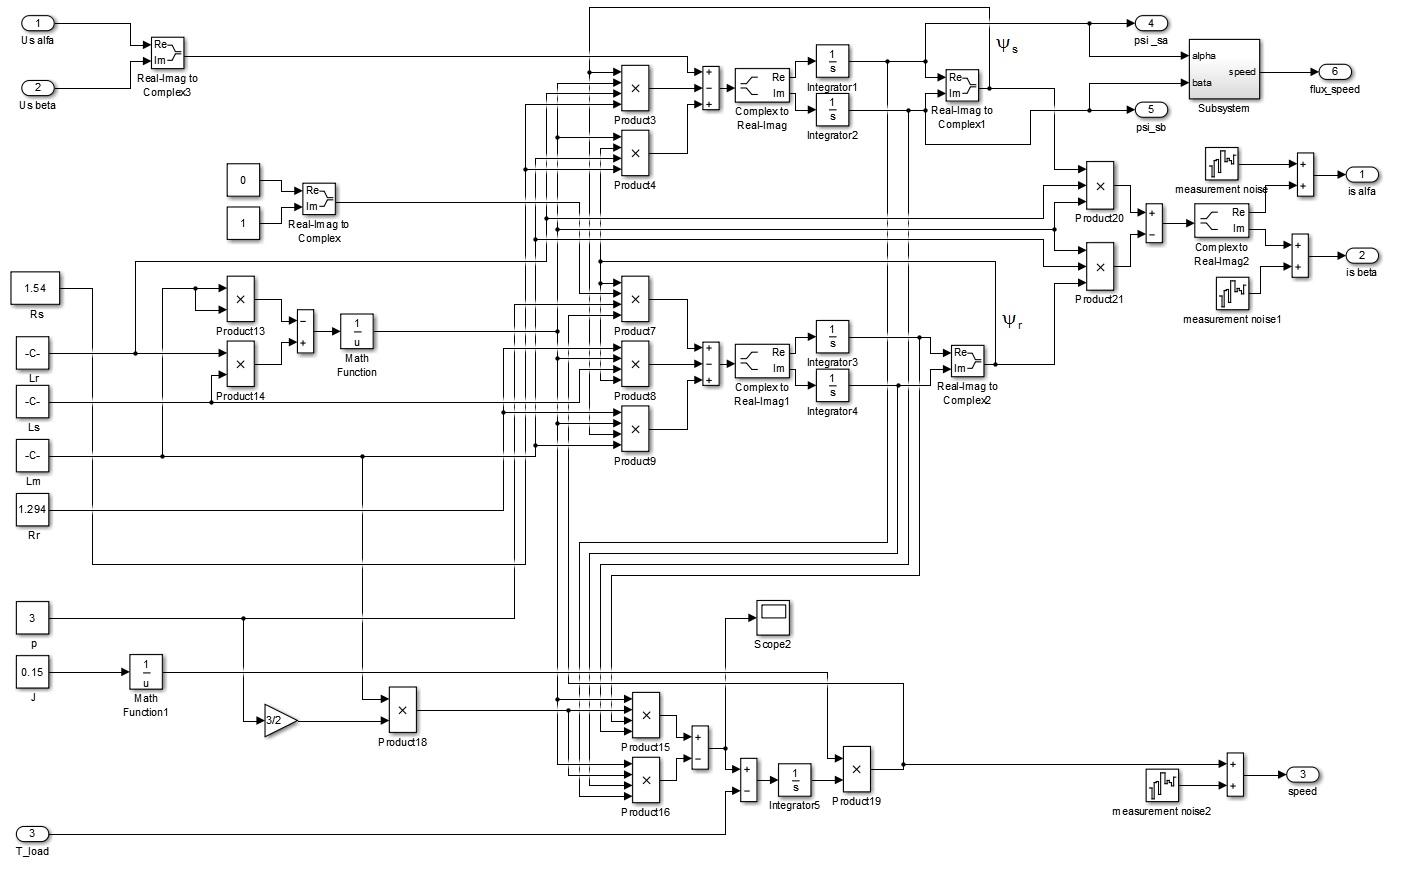 شبیه سازی موتور القایی و کنترل سرعت آن به روش بدون سنسور مبتنی بر تخمین گر (با استفاده از شبکه های عصبی)4